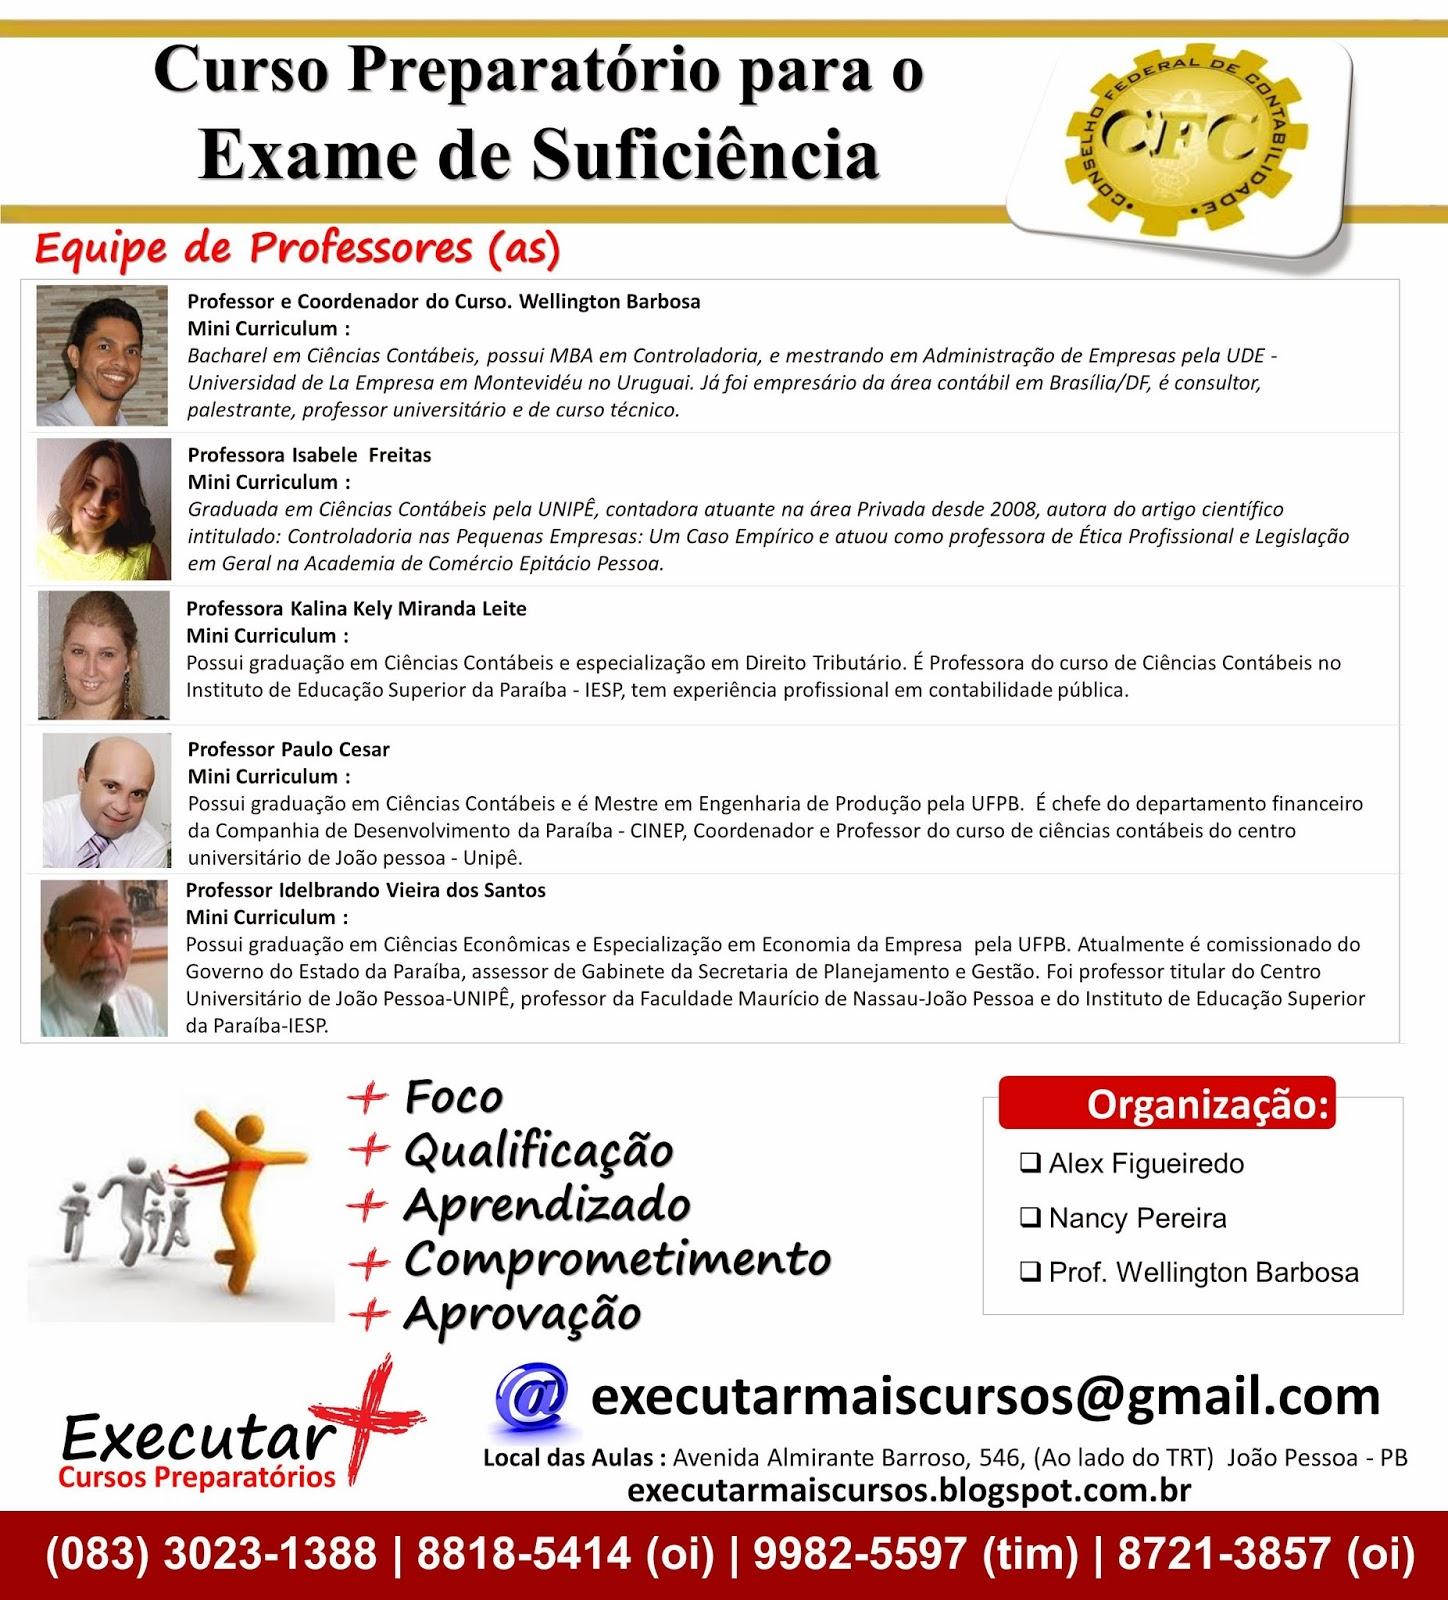 Curso online exame de suficiencia